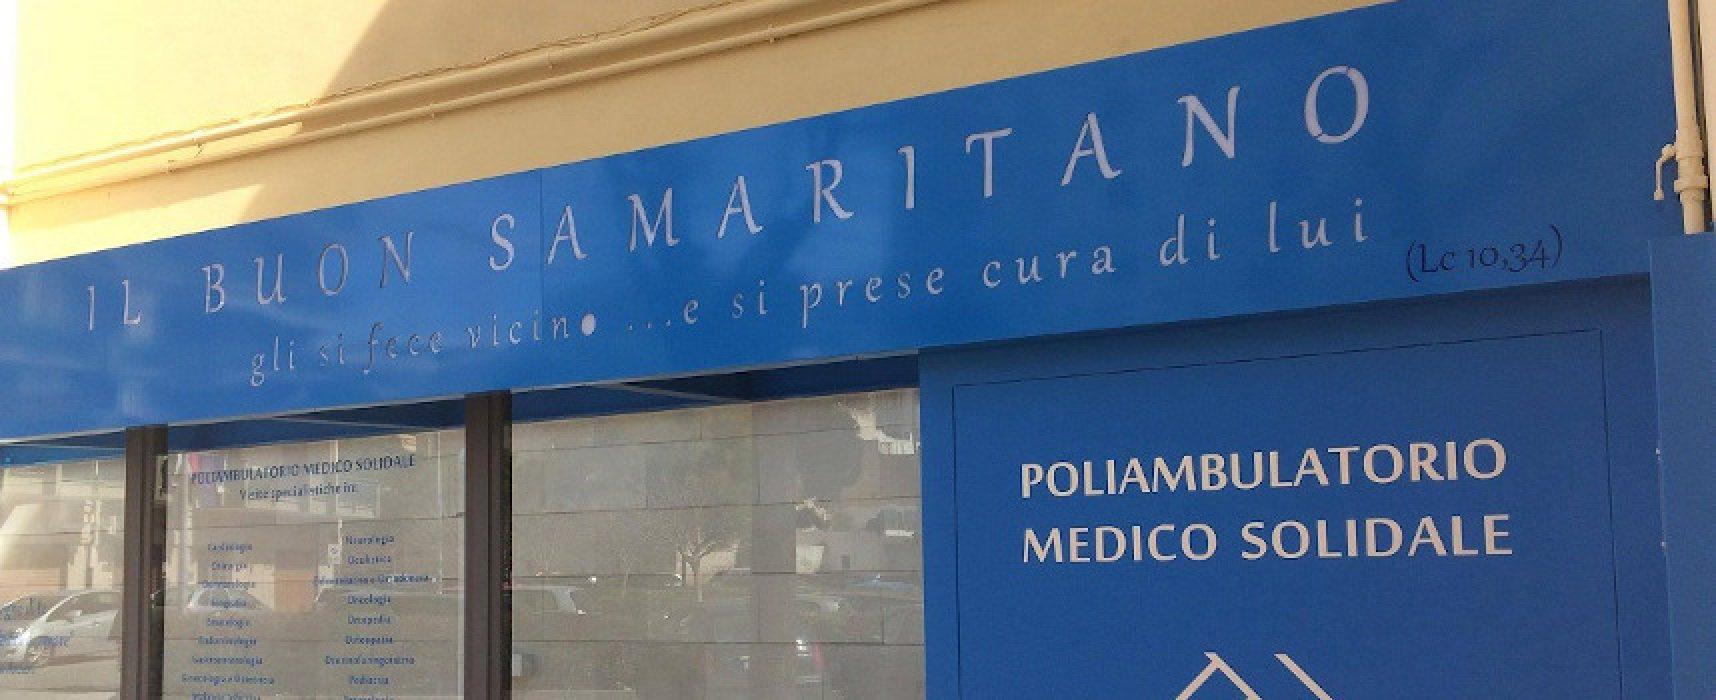 """Poliambulatorio """"Il buon Samaritano"""" compie un anno: tavola rotonda con Michele Emiliano"""